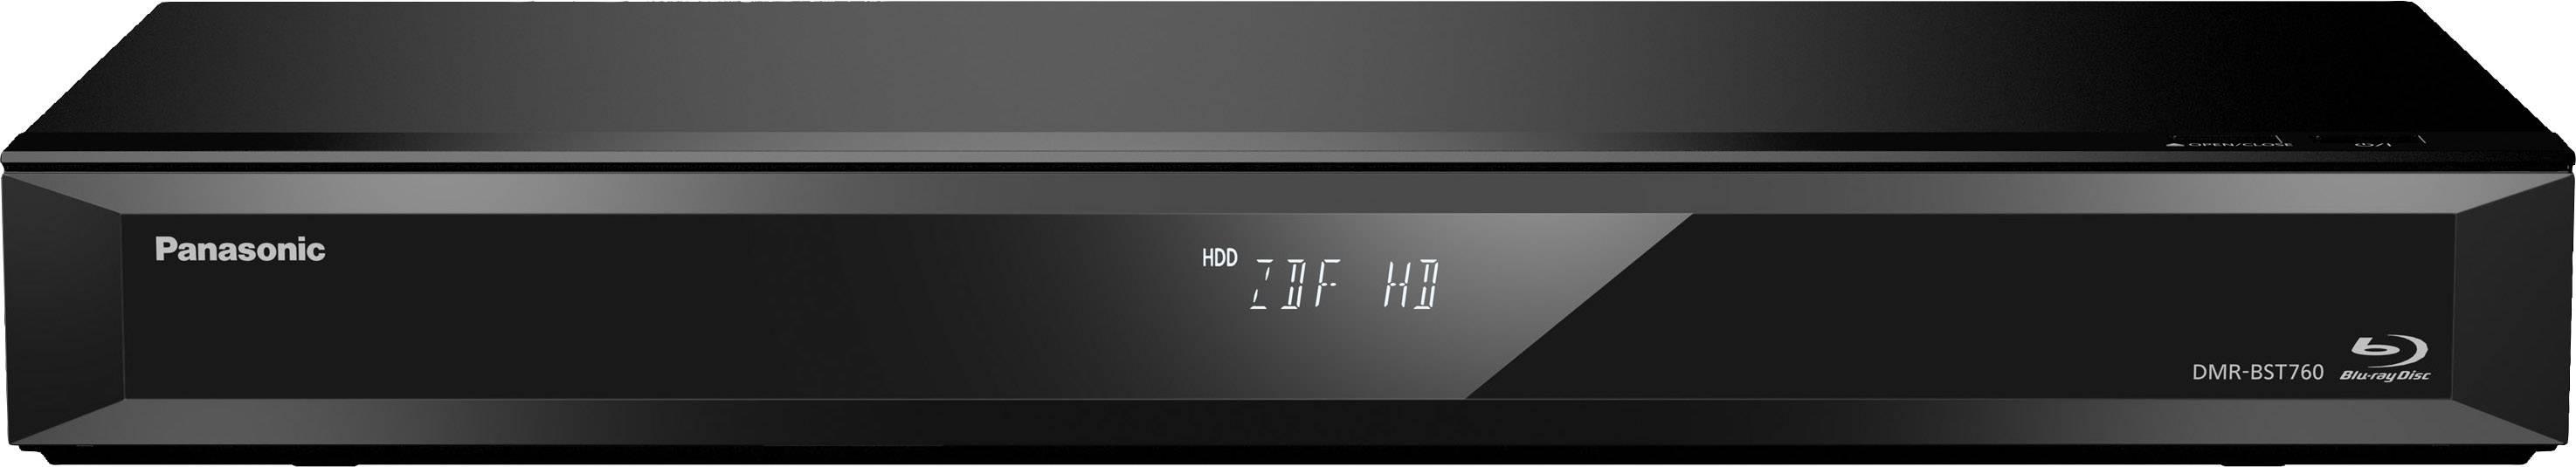 3D Blu-Ray přehrávač/rekordér s HDD Panasonic DMR-BST760EG Twin HD DVB-S tuner, Wi-Fi, černá